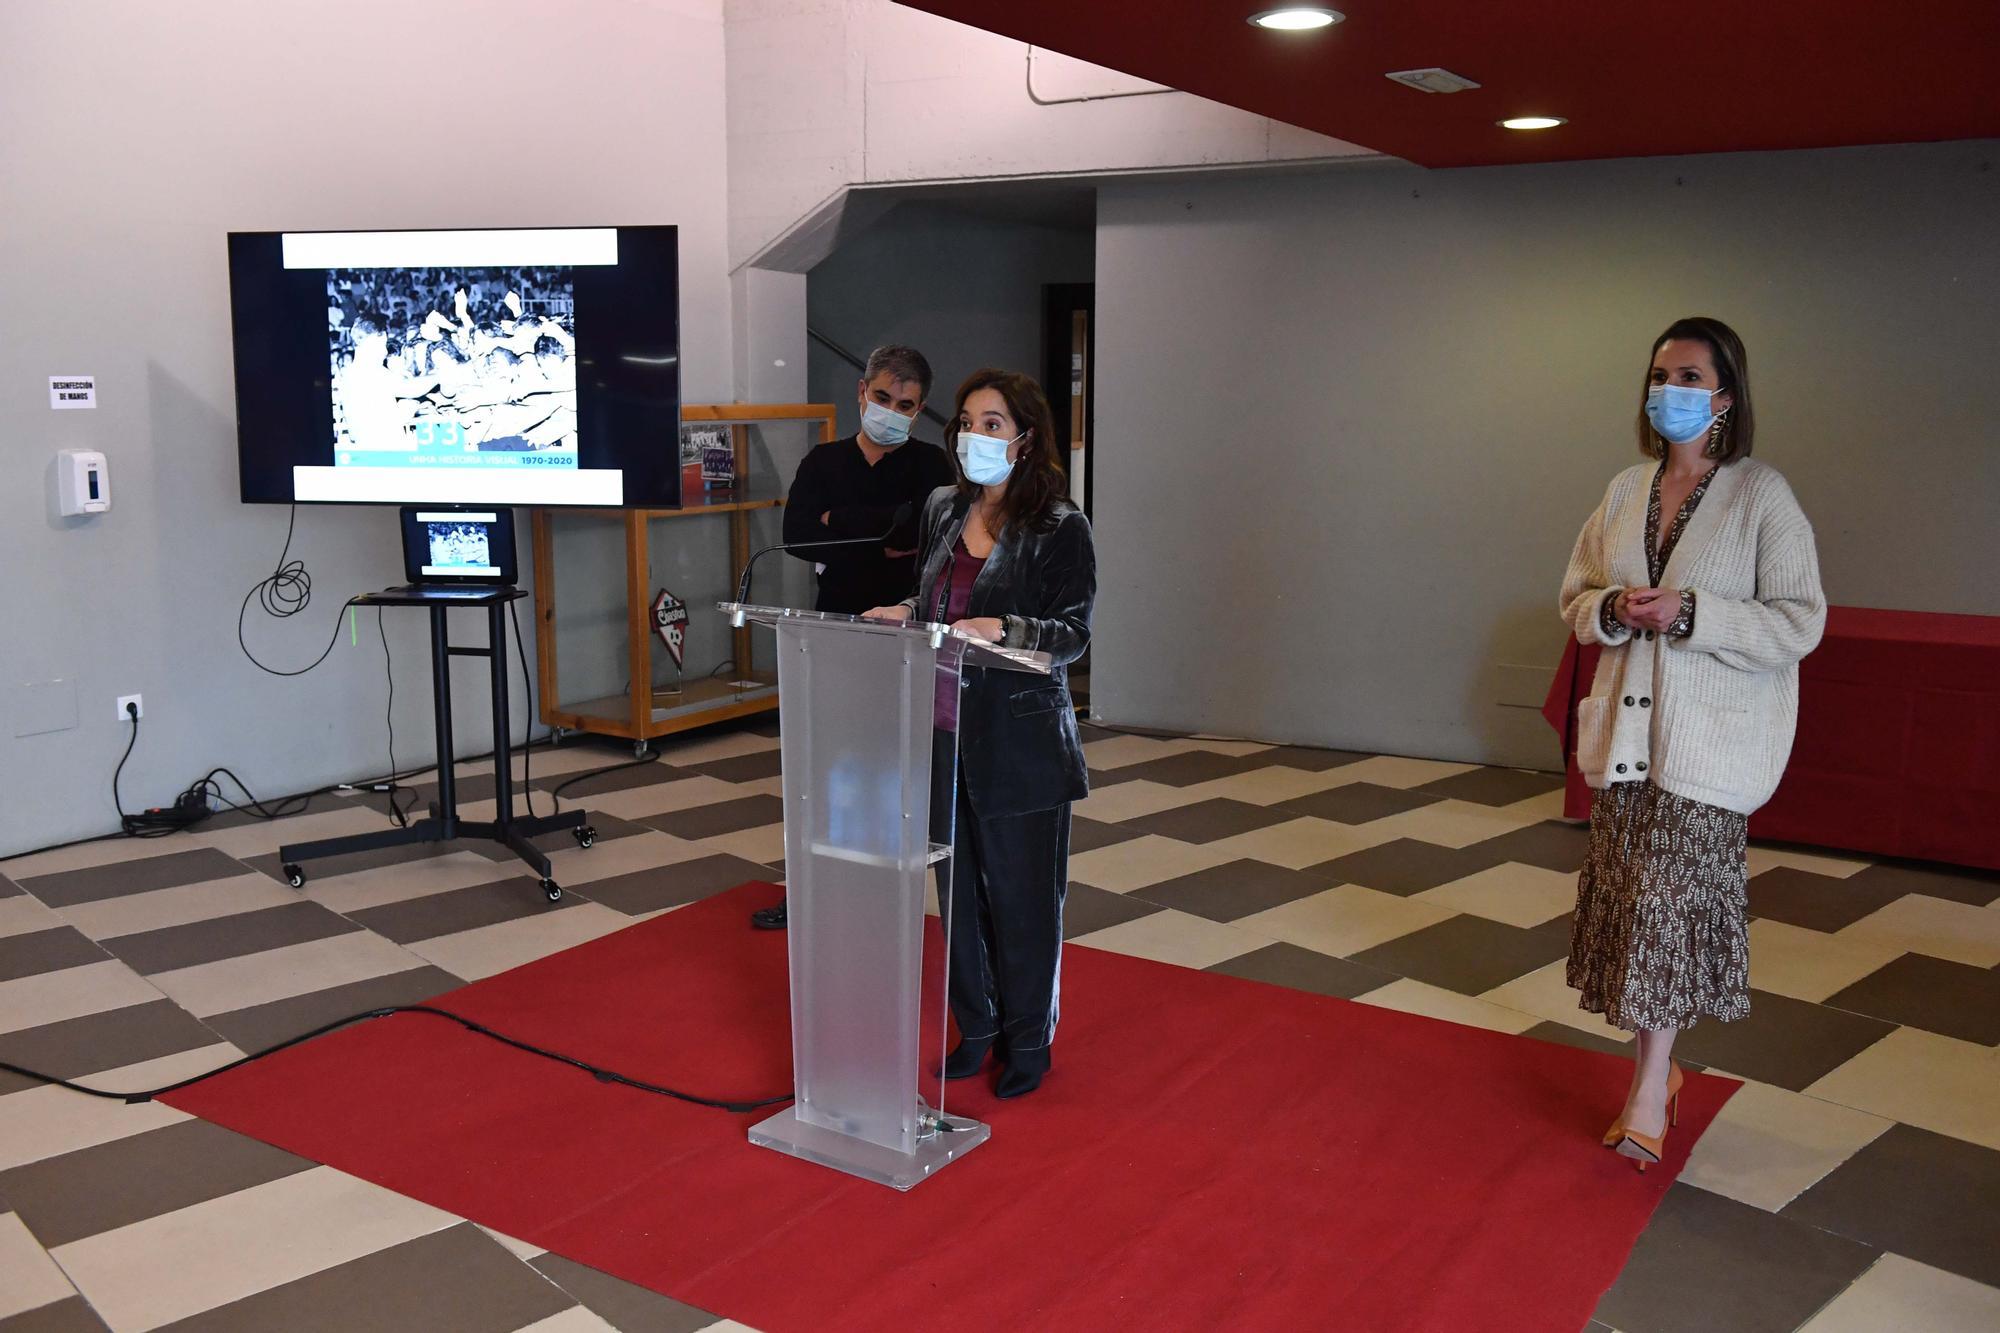 El Palacio de los Deportes de Riazor celebra su 50 aniversario